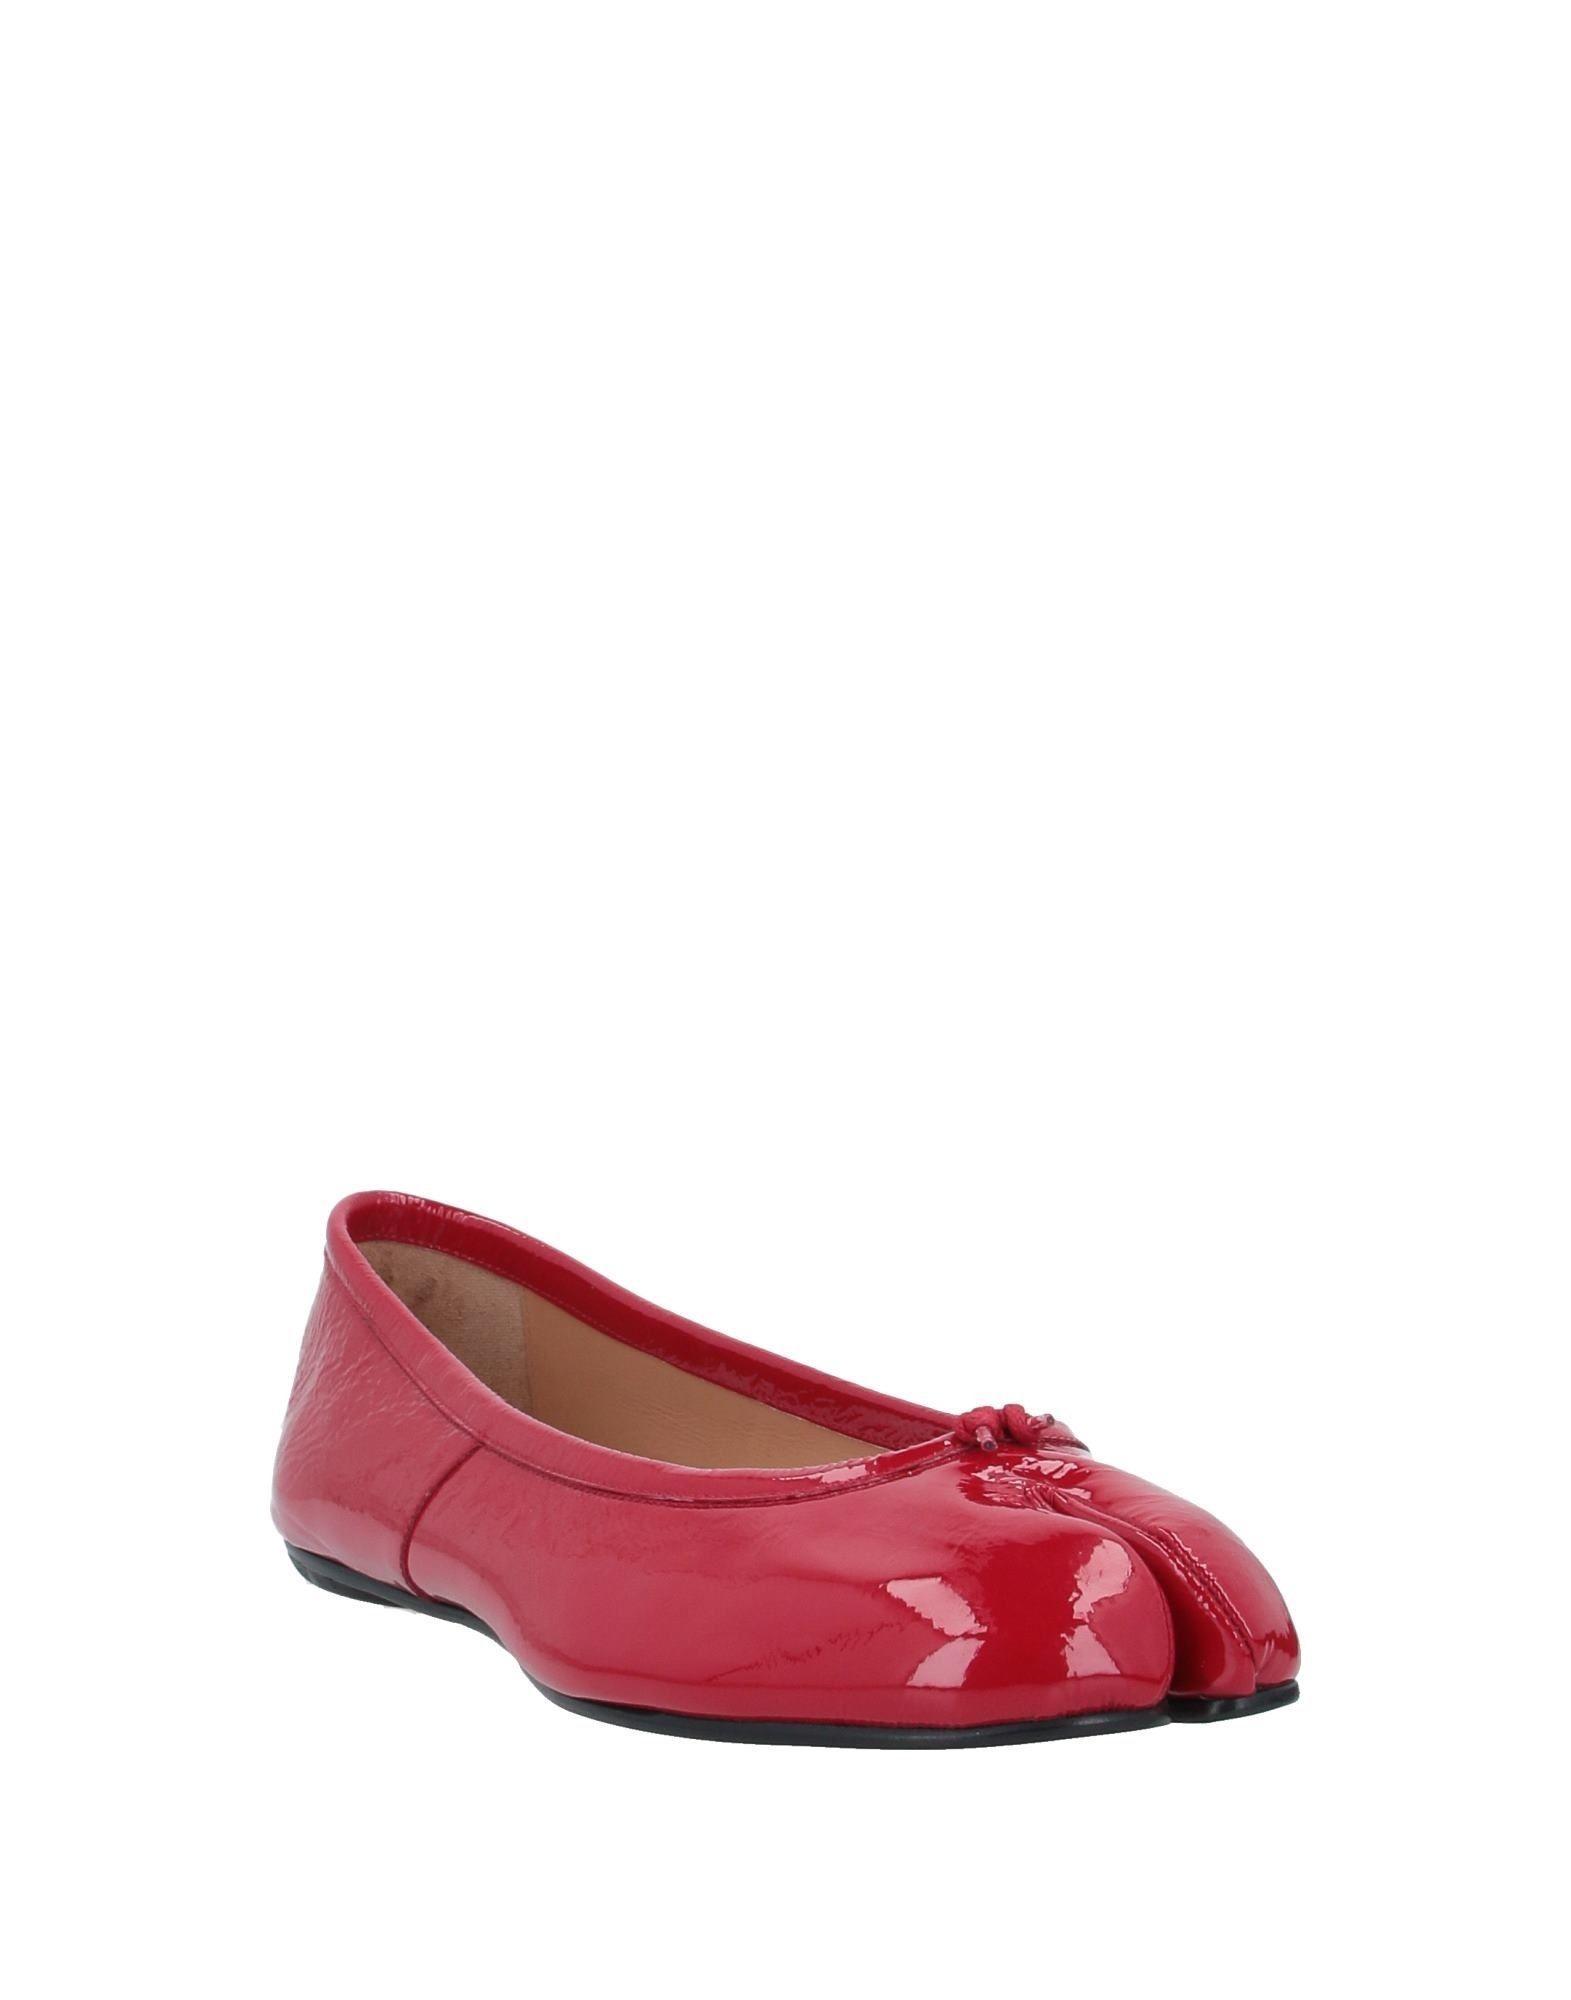 Bailarinas Maison Margiela de Cuero de color Rojo